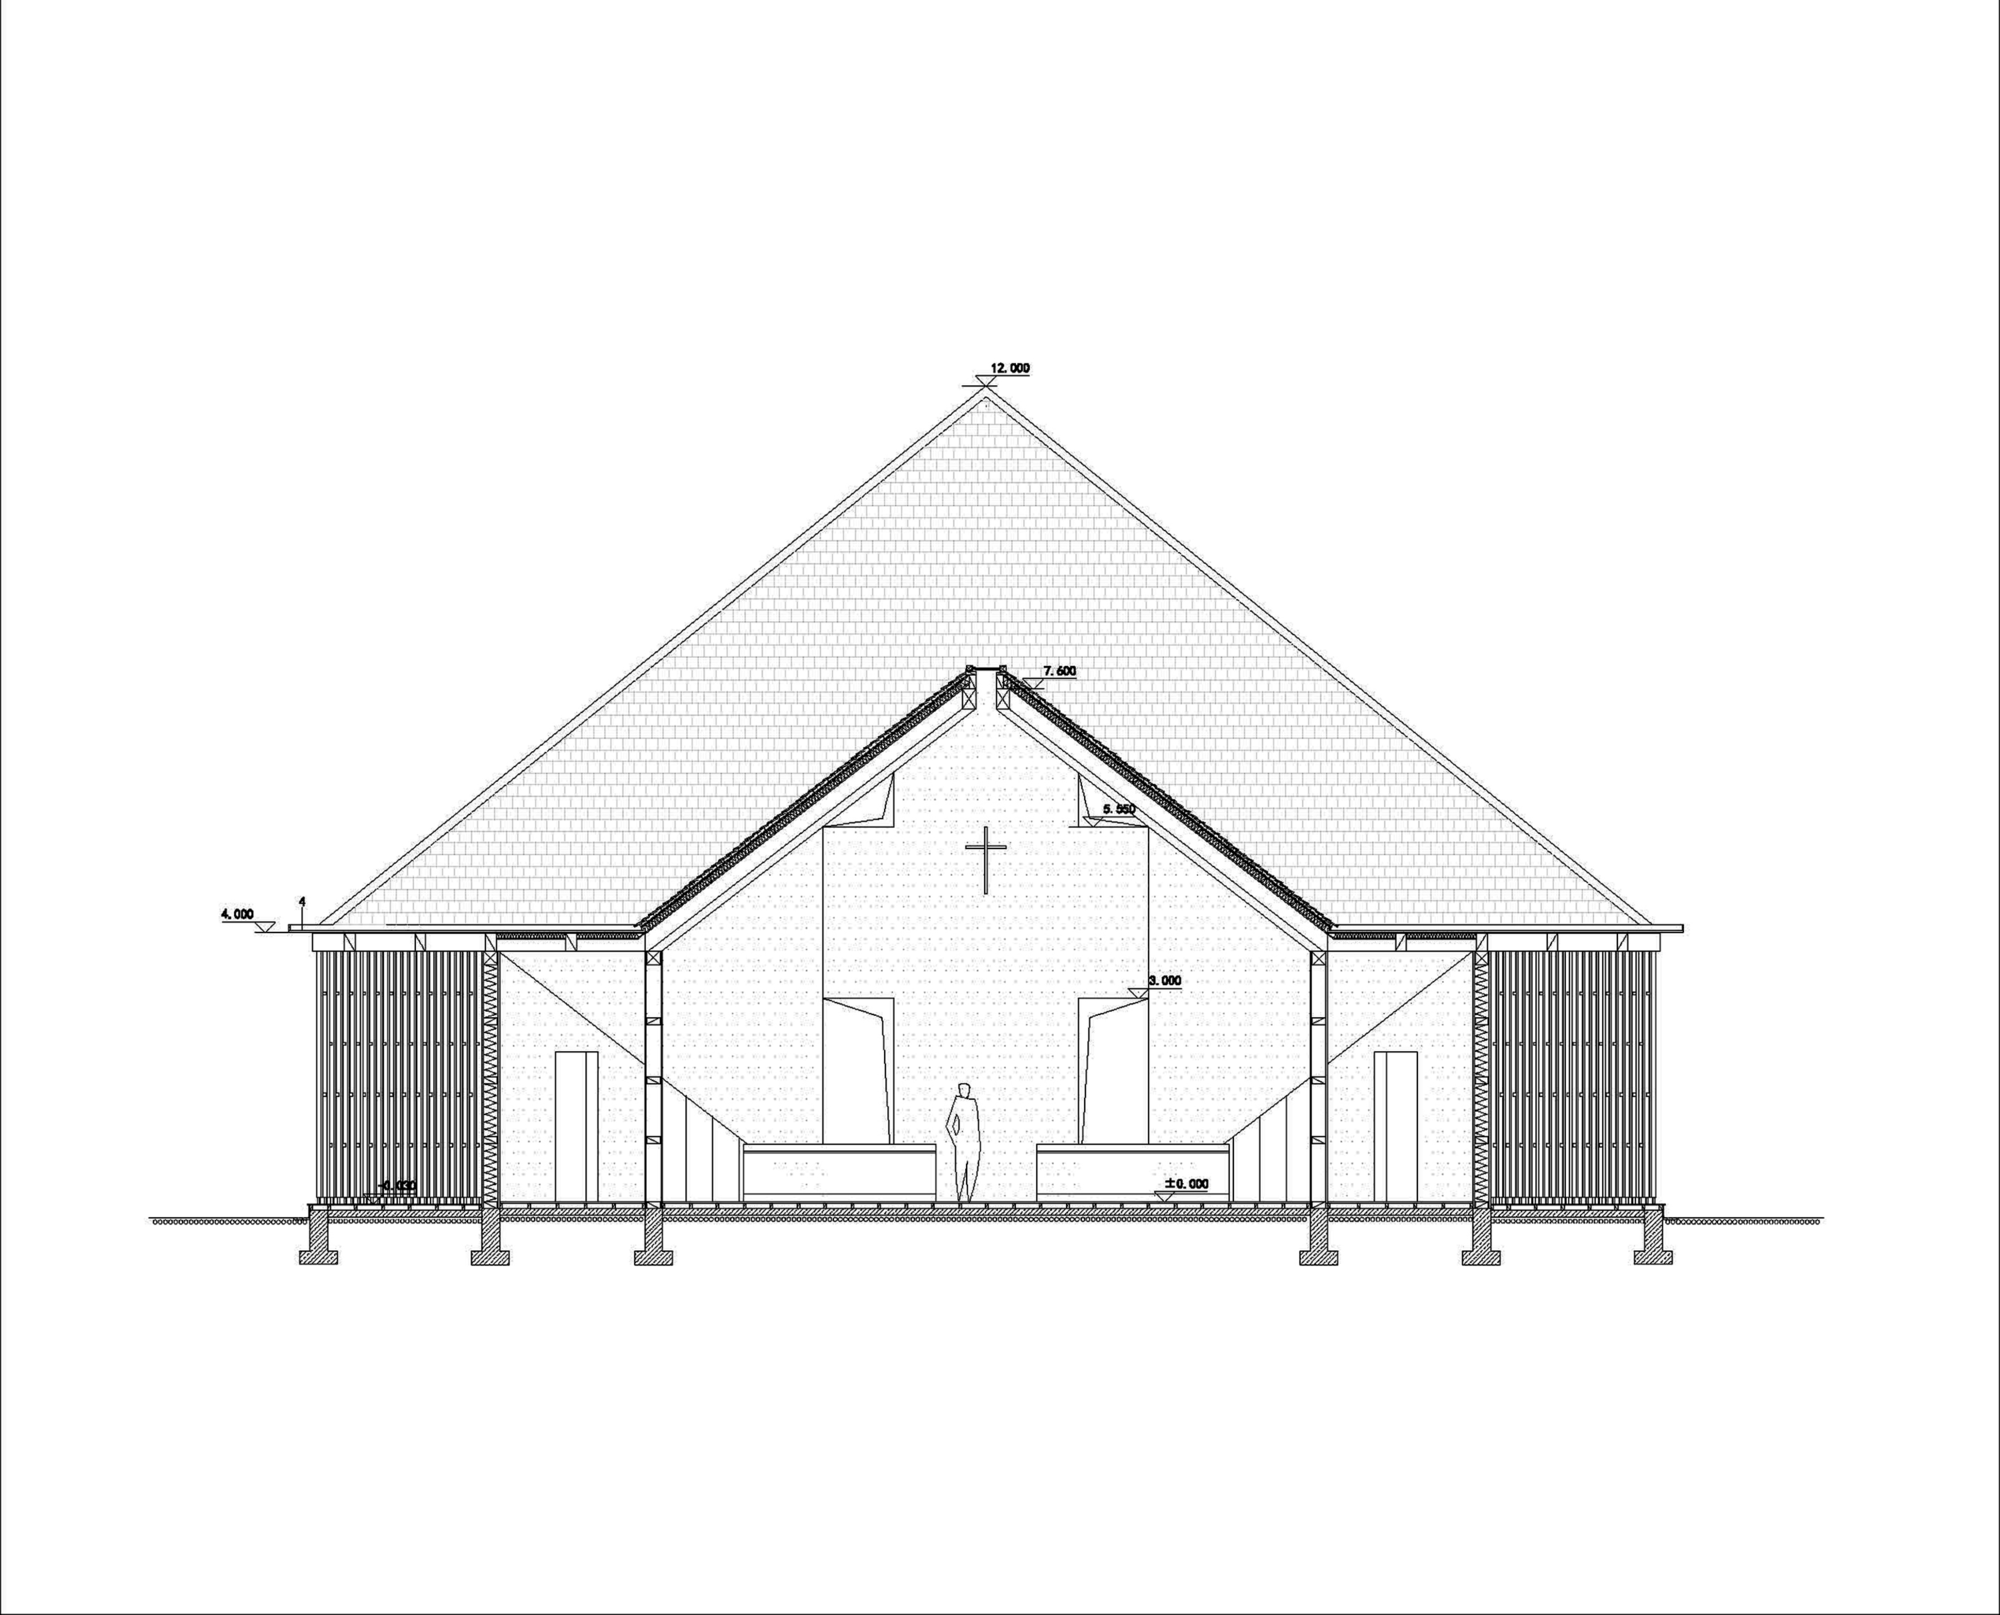 54348624c07a80110e000021_nanjing-wanjing-garden-chapel-azl-architects_section